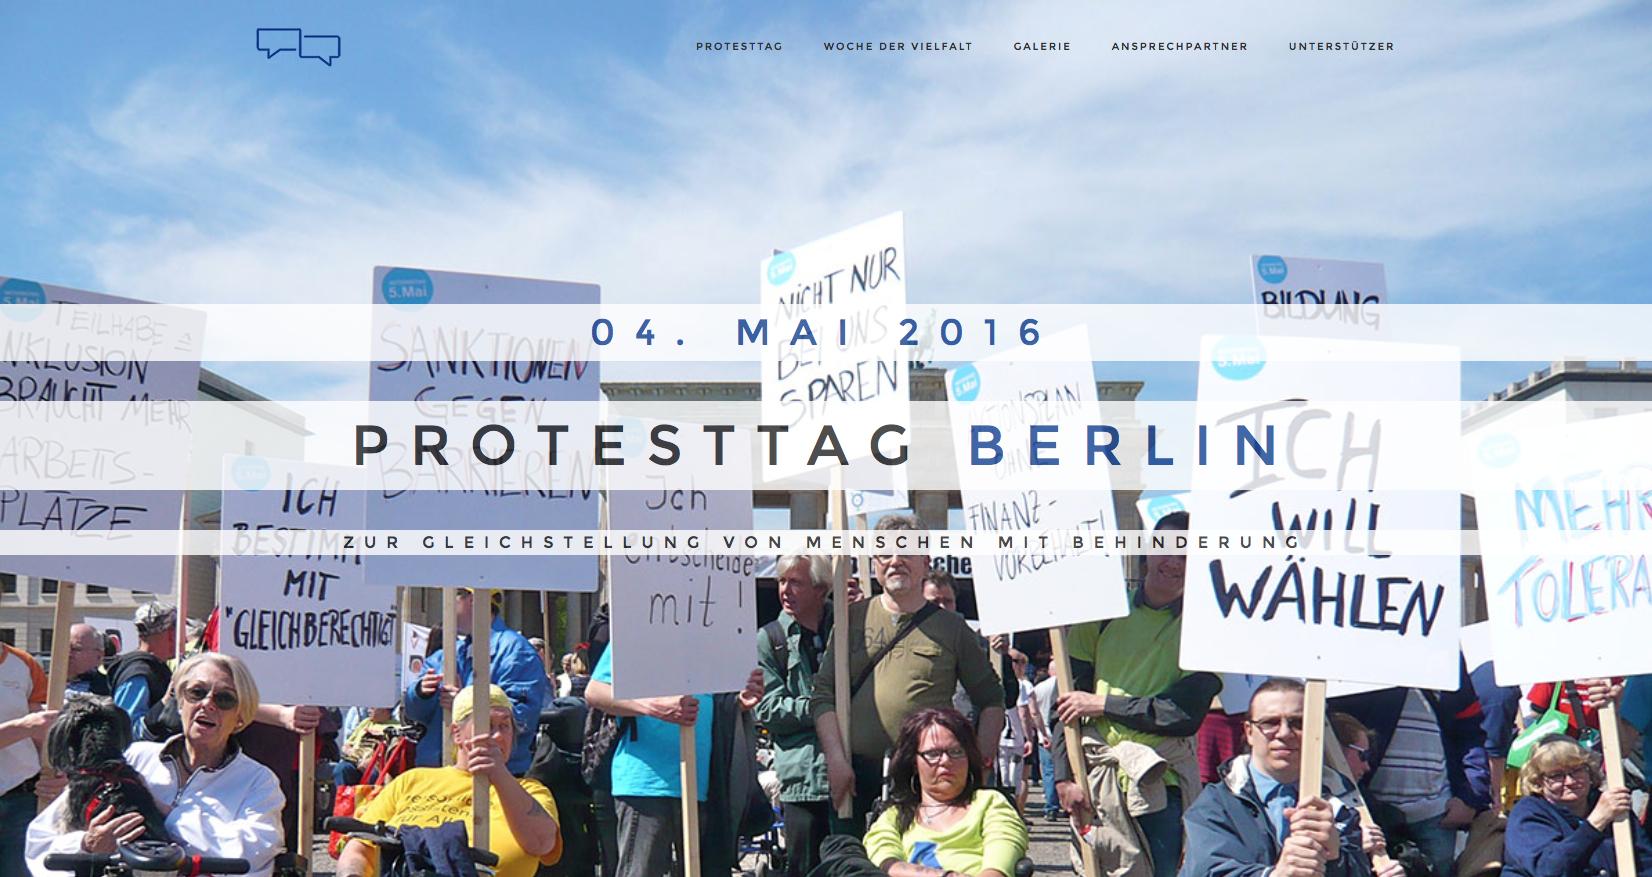 Protesttag_Bild_mit Text.